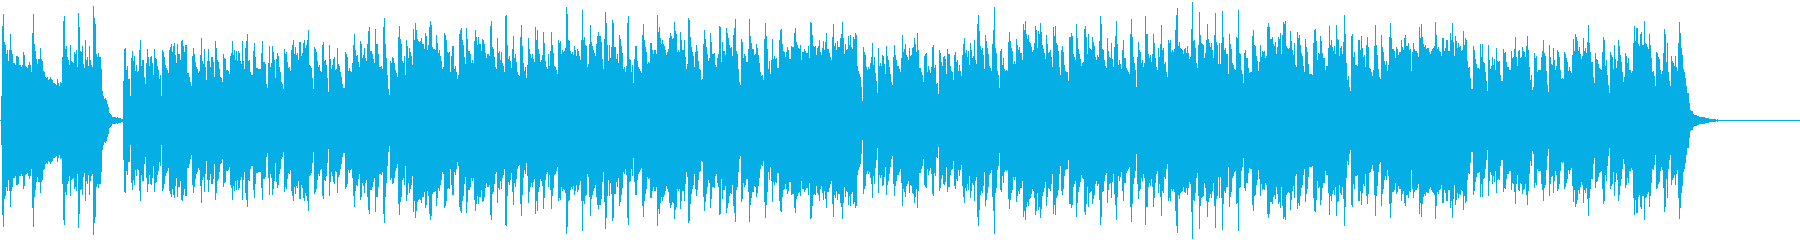 口笛のメロディが可愛いチビッ子探検隊の曲の再生済みの波形